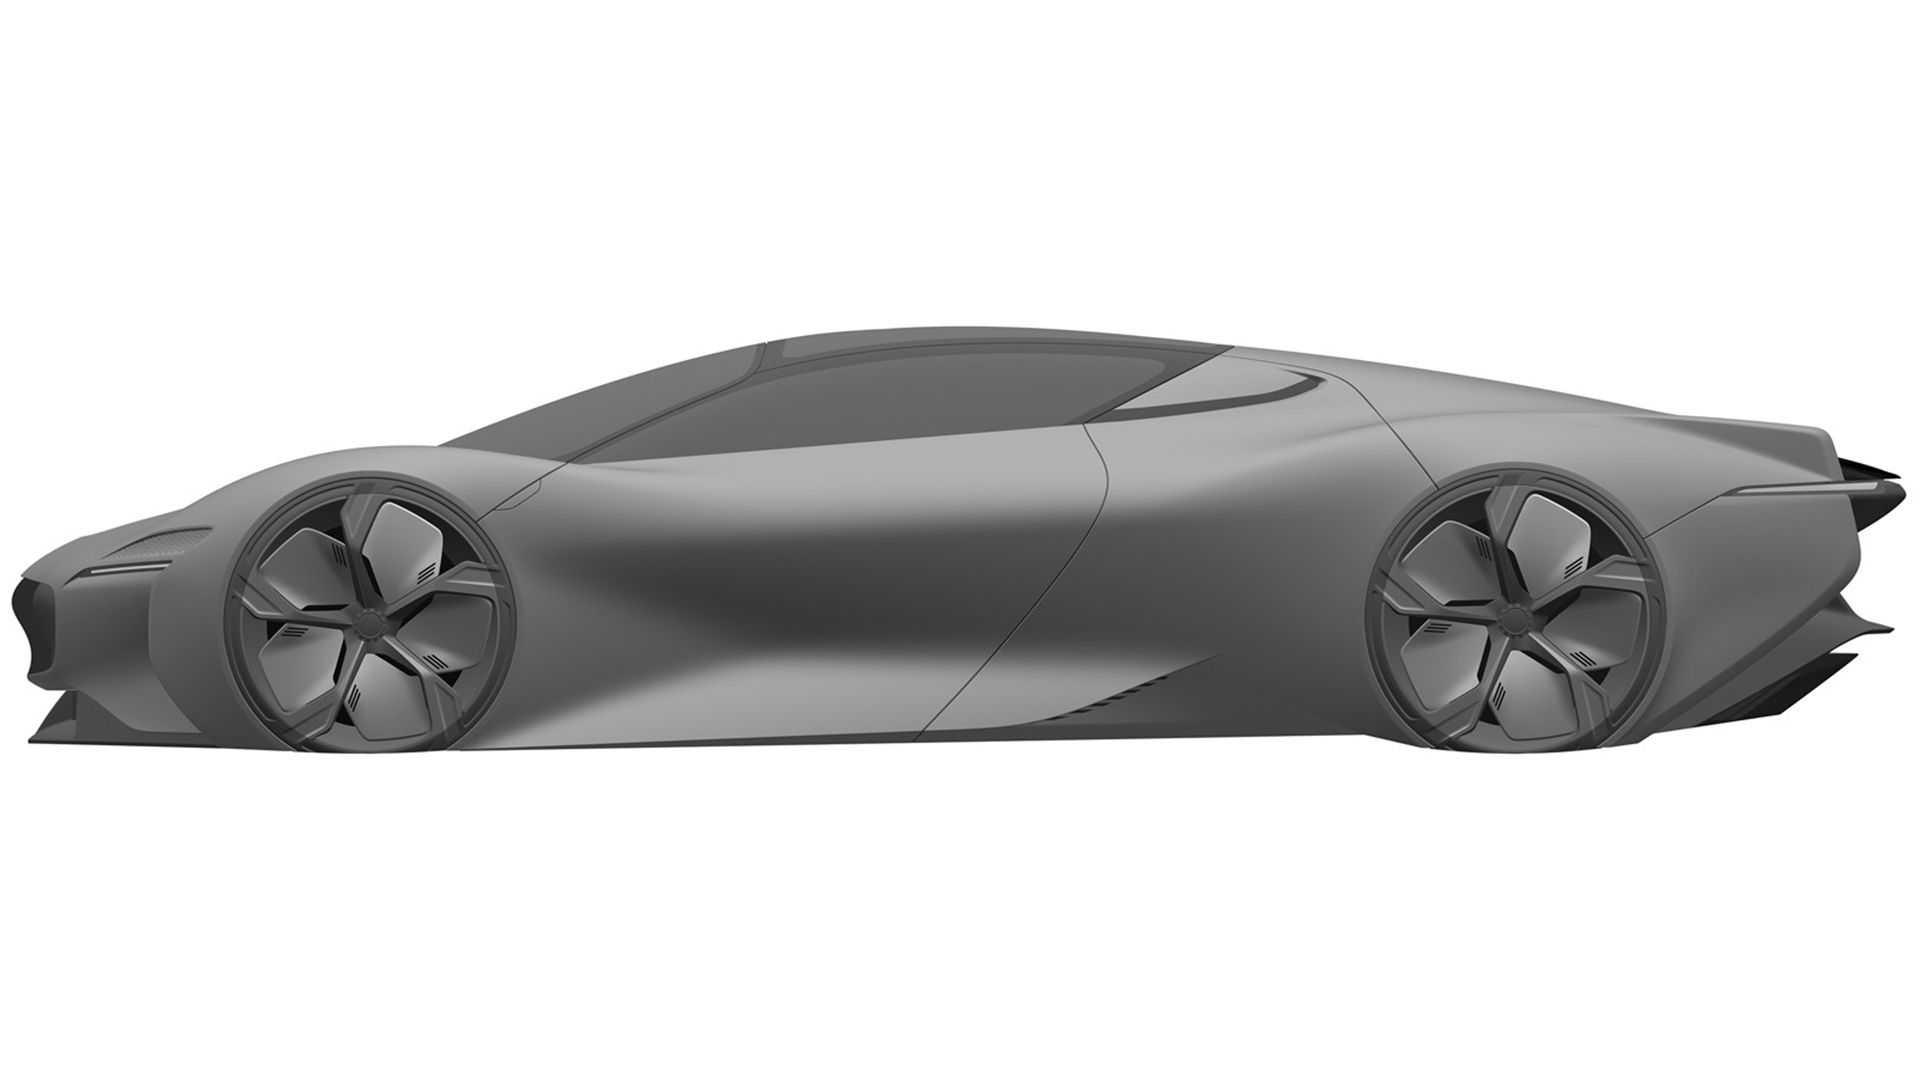 Jaguar-Supercar-Patent-Images-5